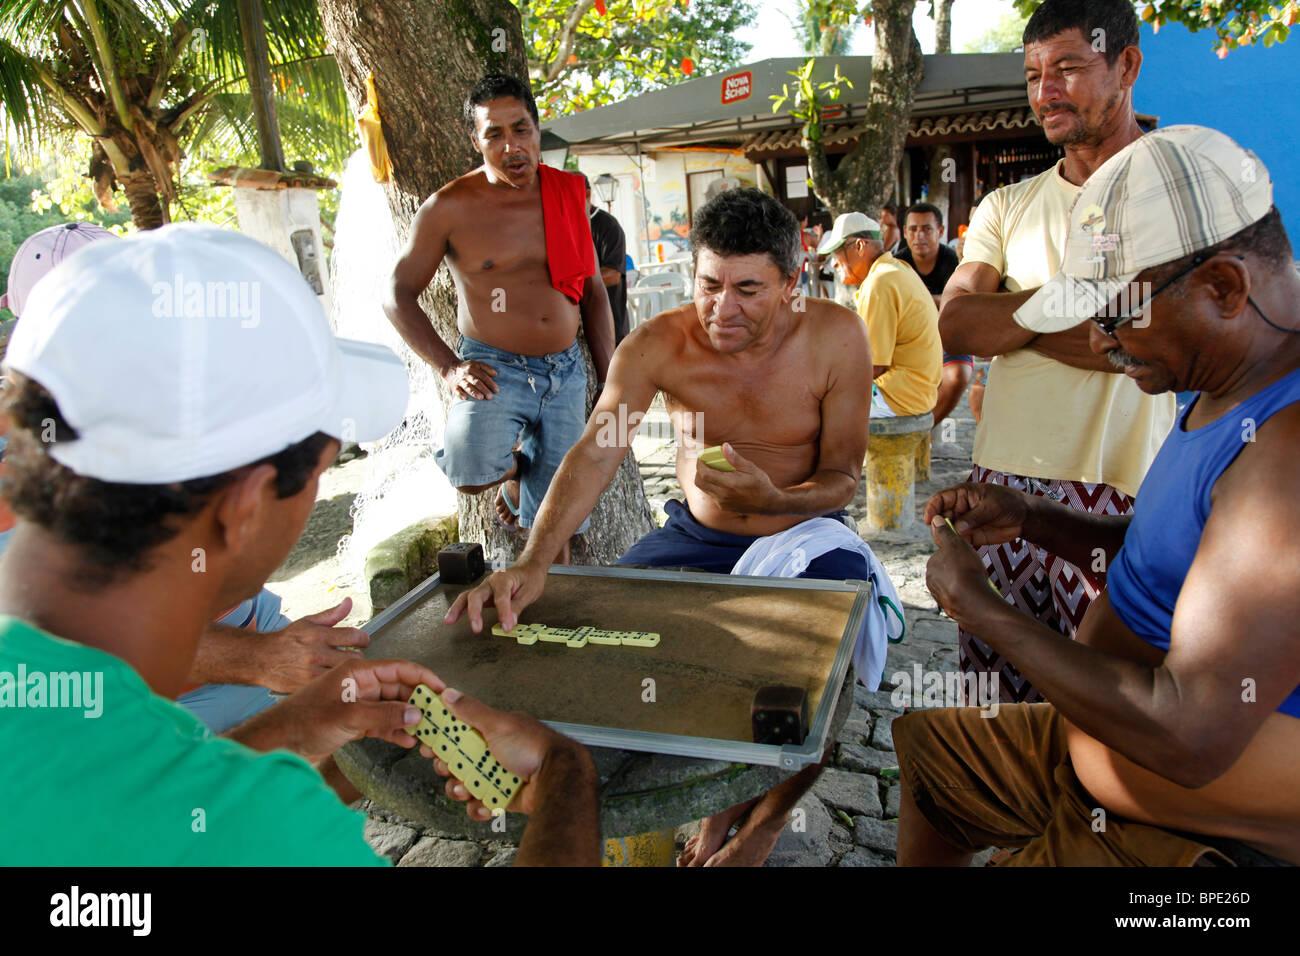 Gli uomini gioca domino, Porto Seguro, Bahia, Brasile Immagini Stock